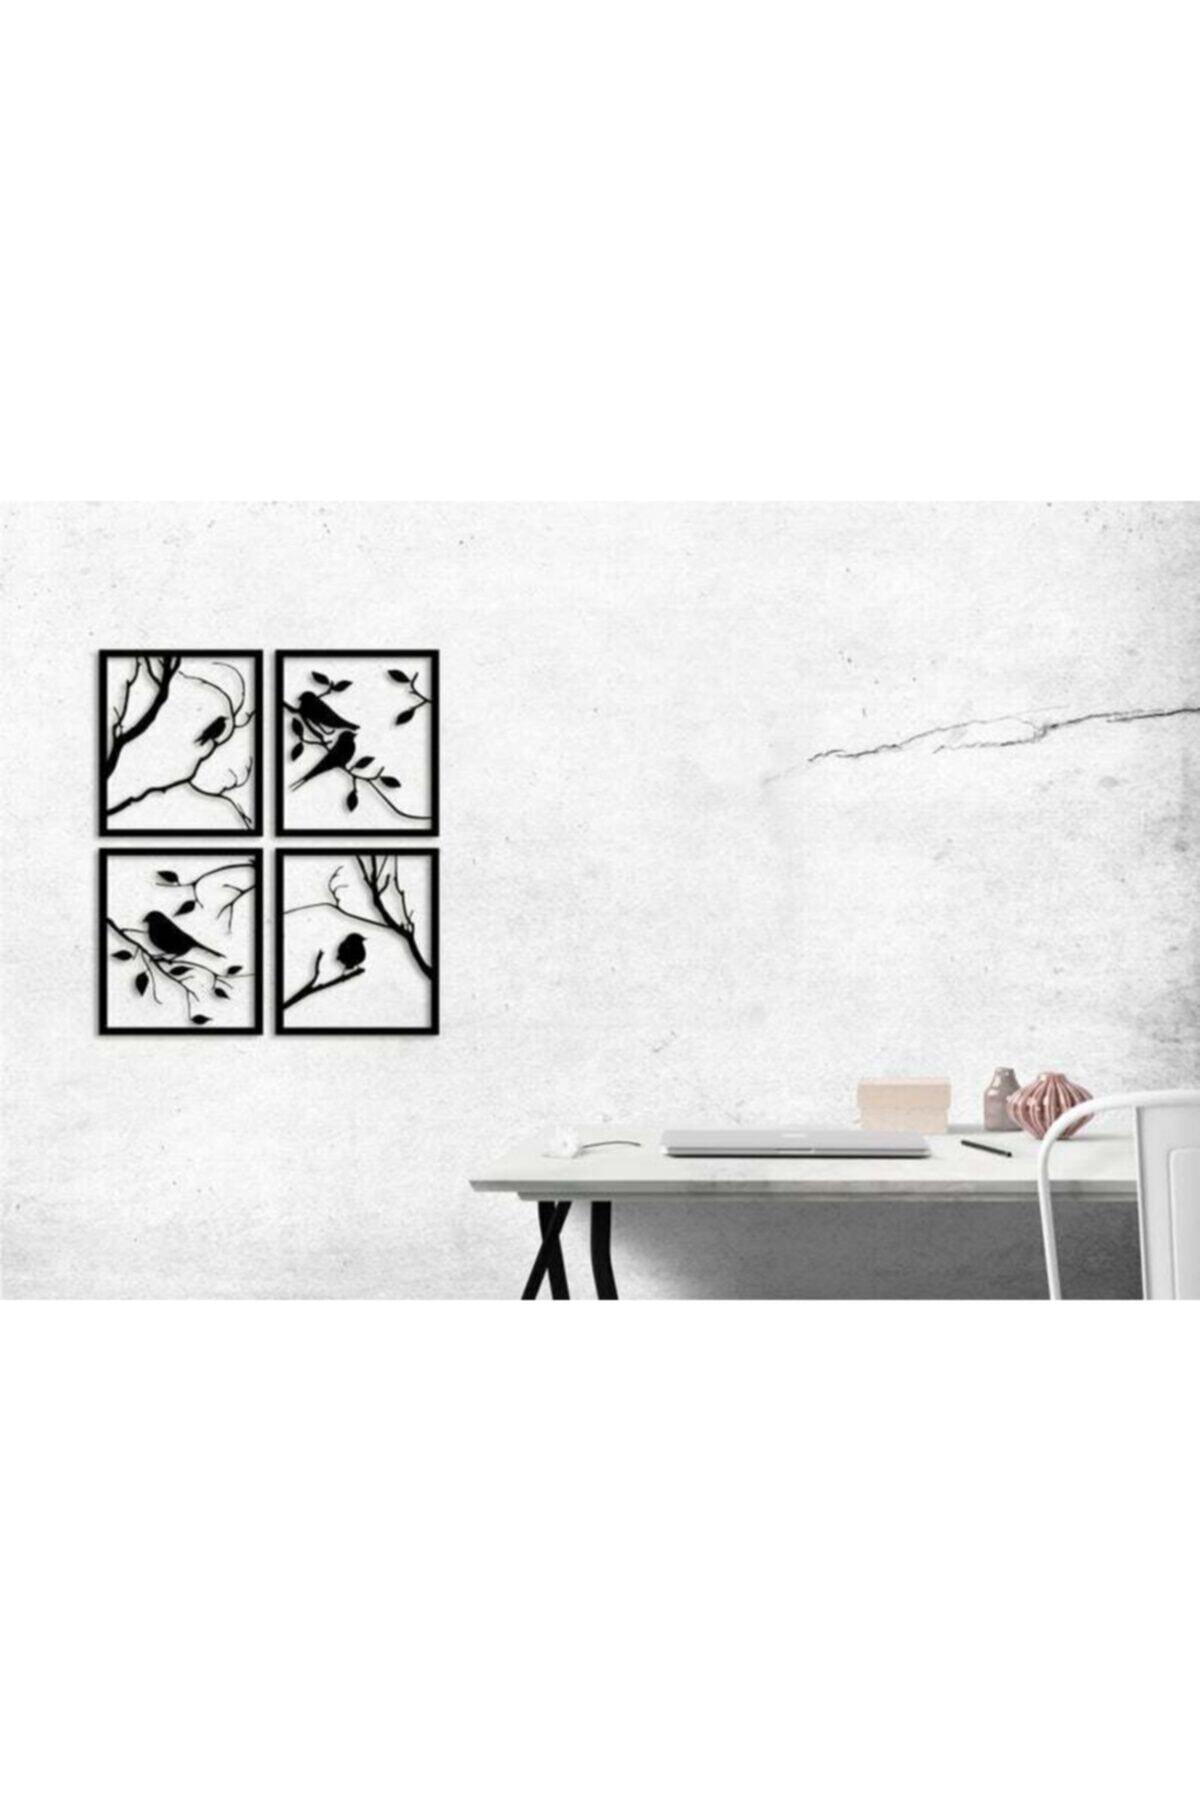 YamanLazer Kuş Ve Ağaç Tasarımlı Ahşap Tablo 4'lü 2